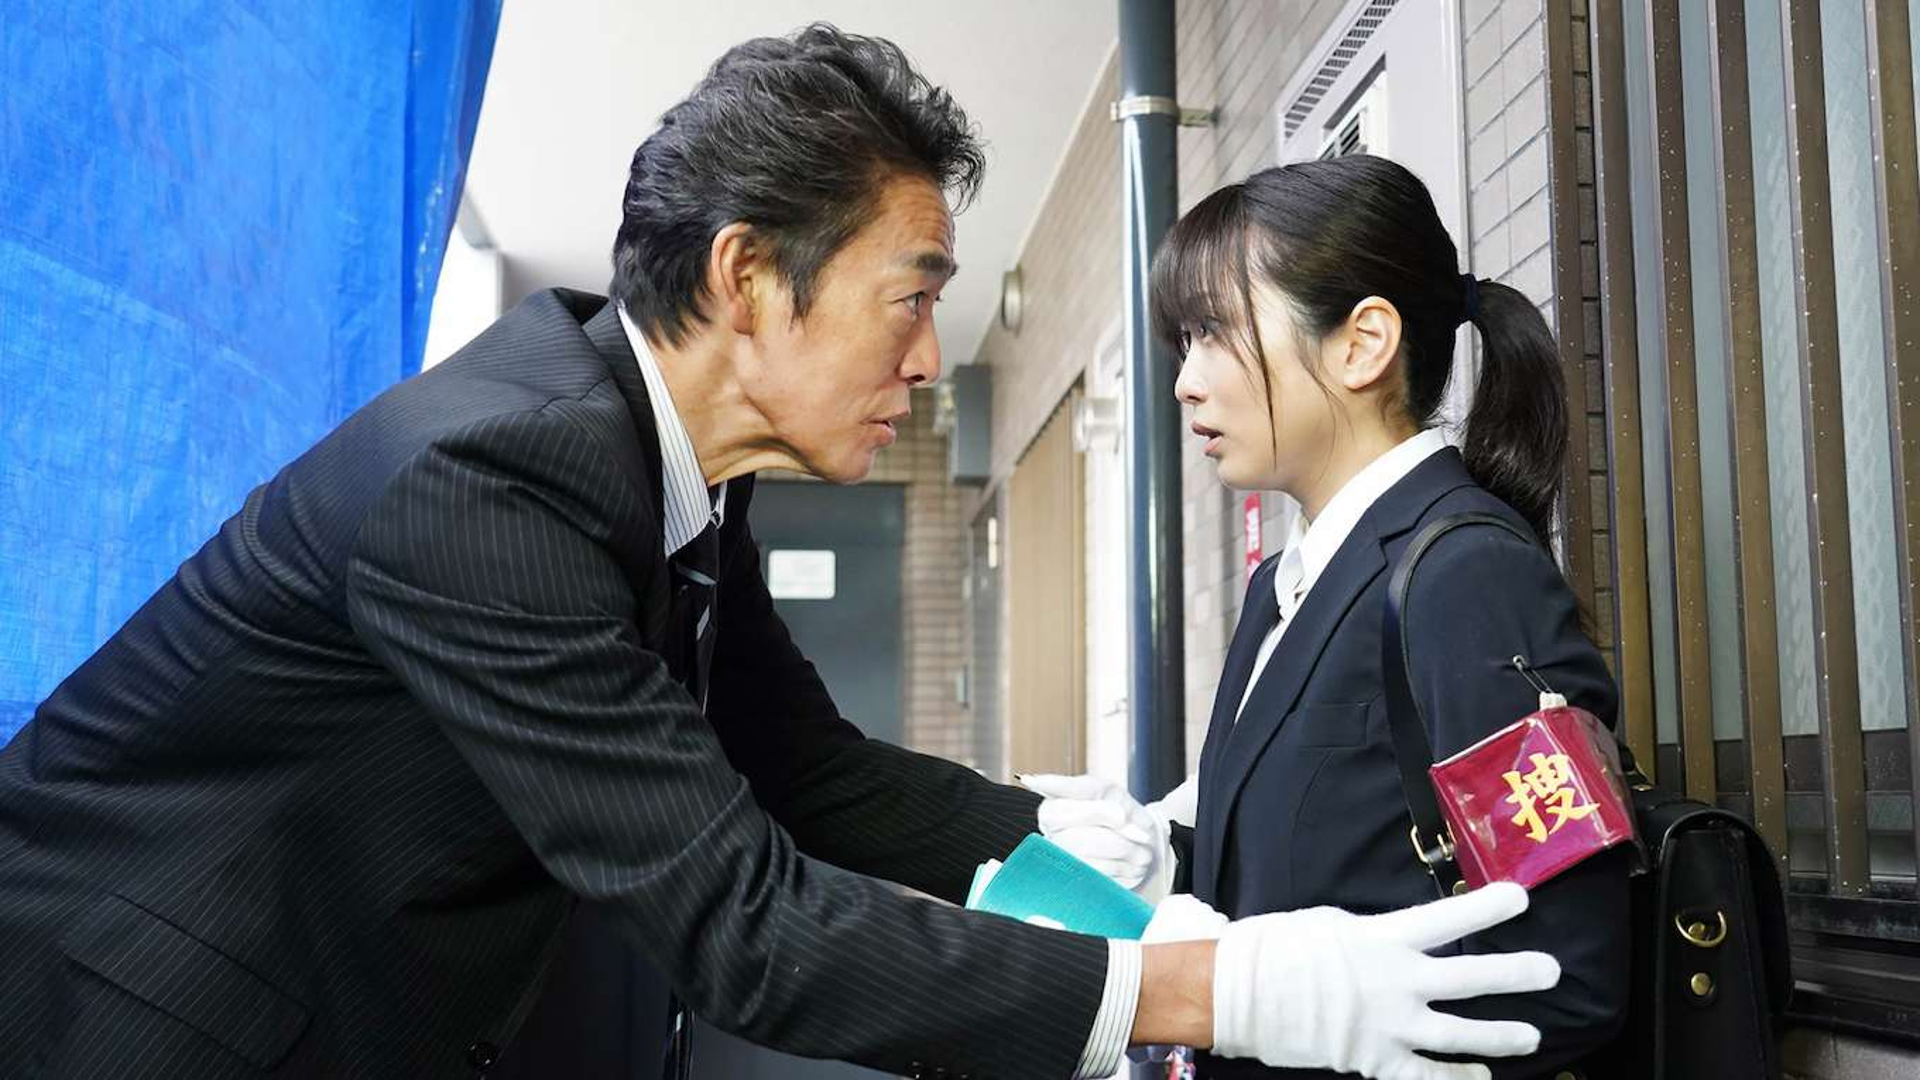 堂場瞬一サスペンス「ラストライン 刑事 岩倉剛」